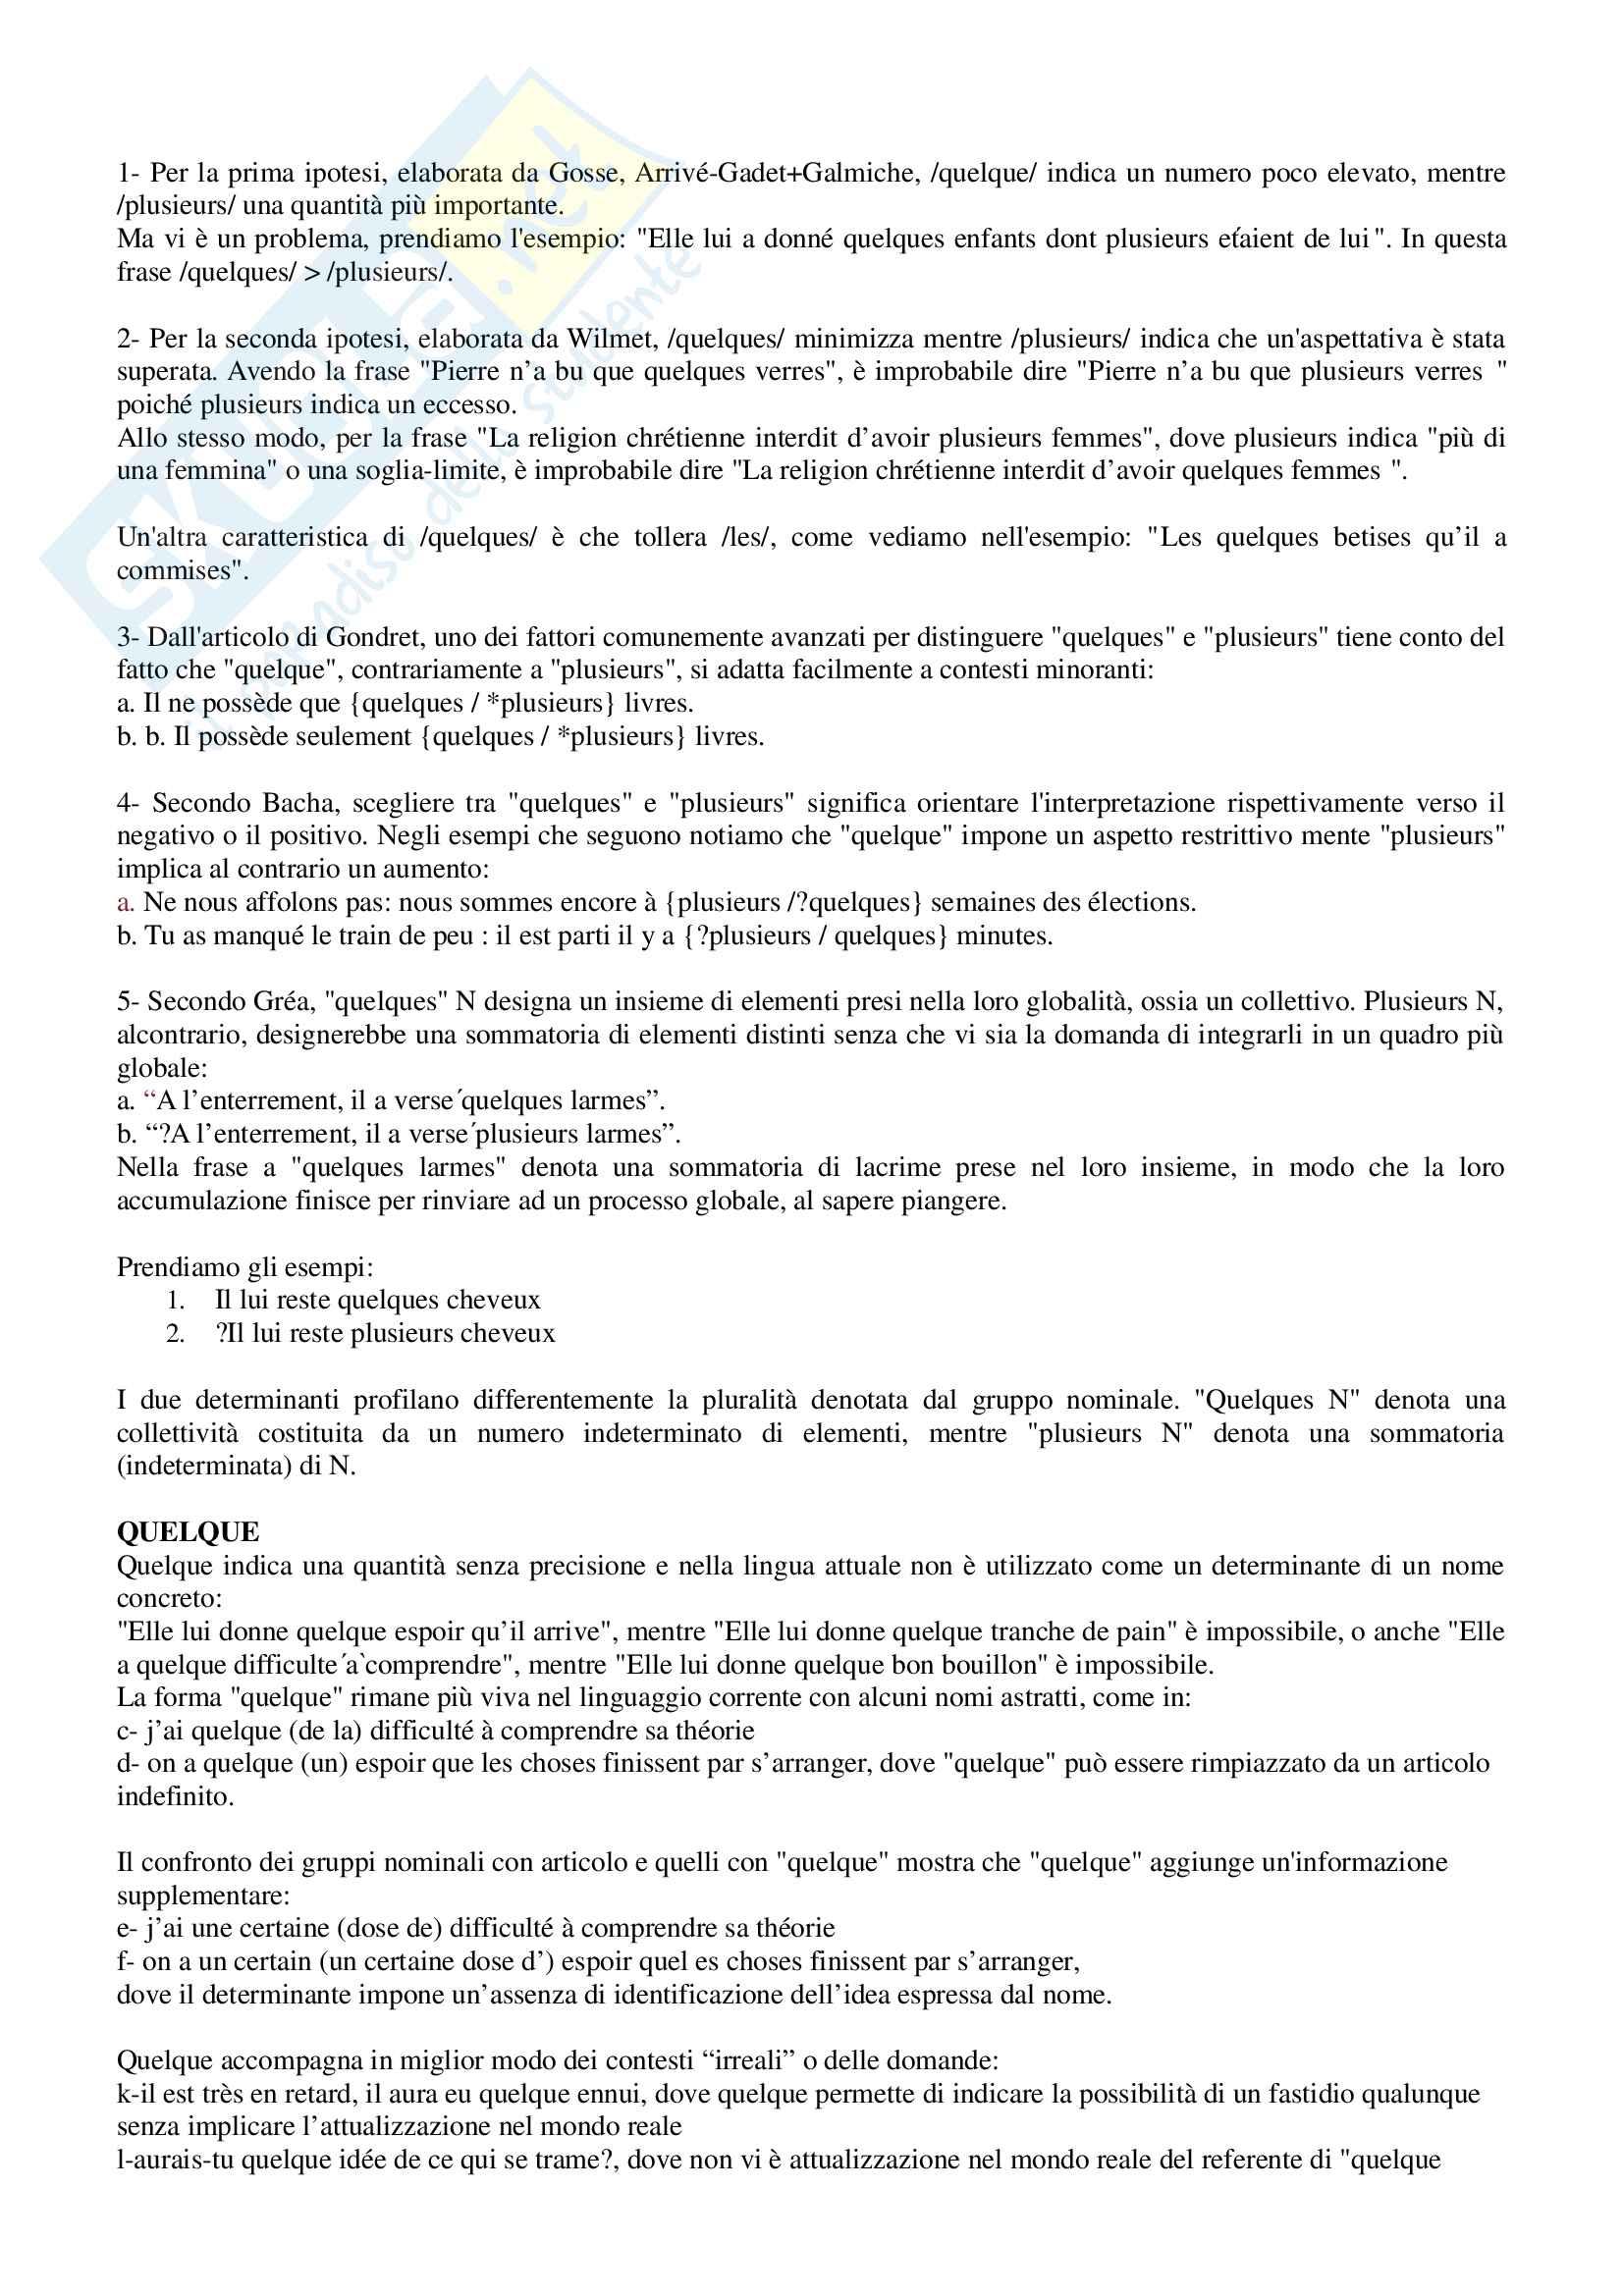 Francese, Floquet, parte B completa Pag. 16